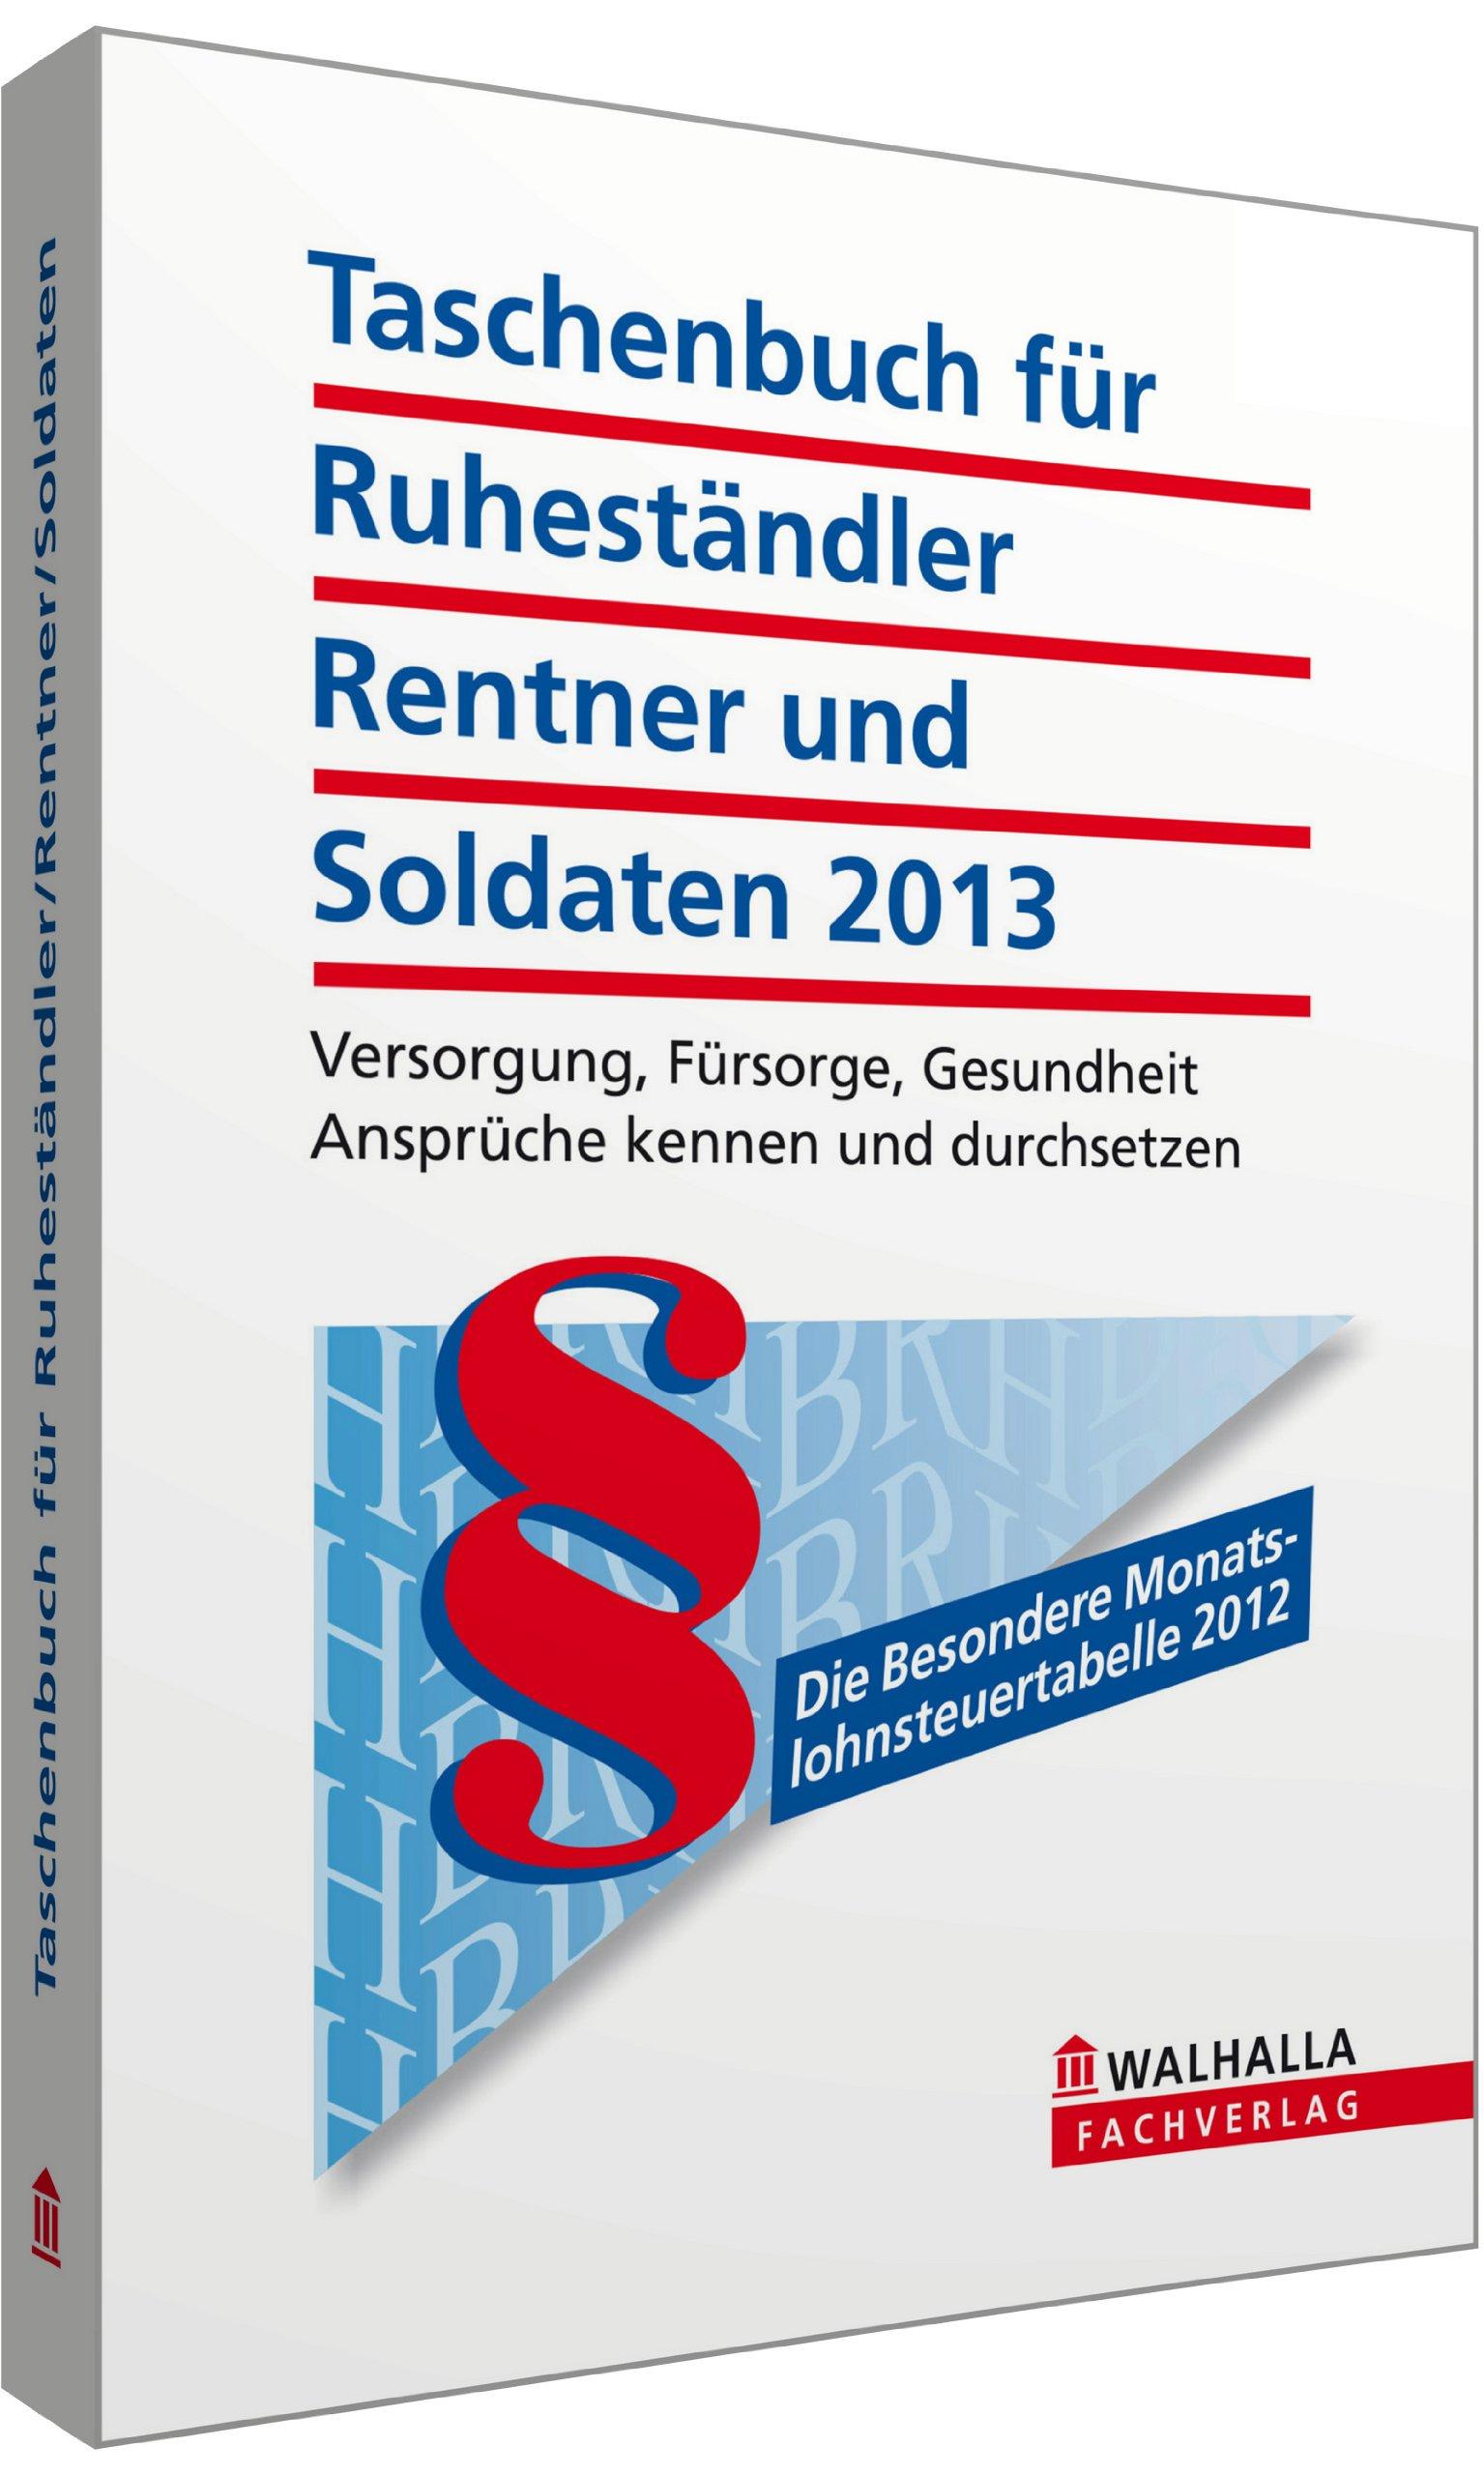 Taschenbuch für Ruheständler, Rentner und Soldaten 2013